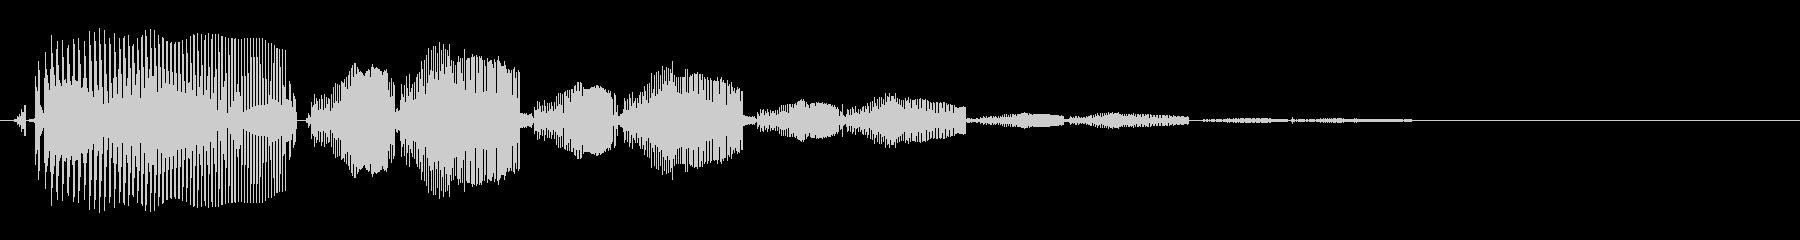 バネ音(コミカルな伸び縮みする音)の未再生の波形